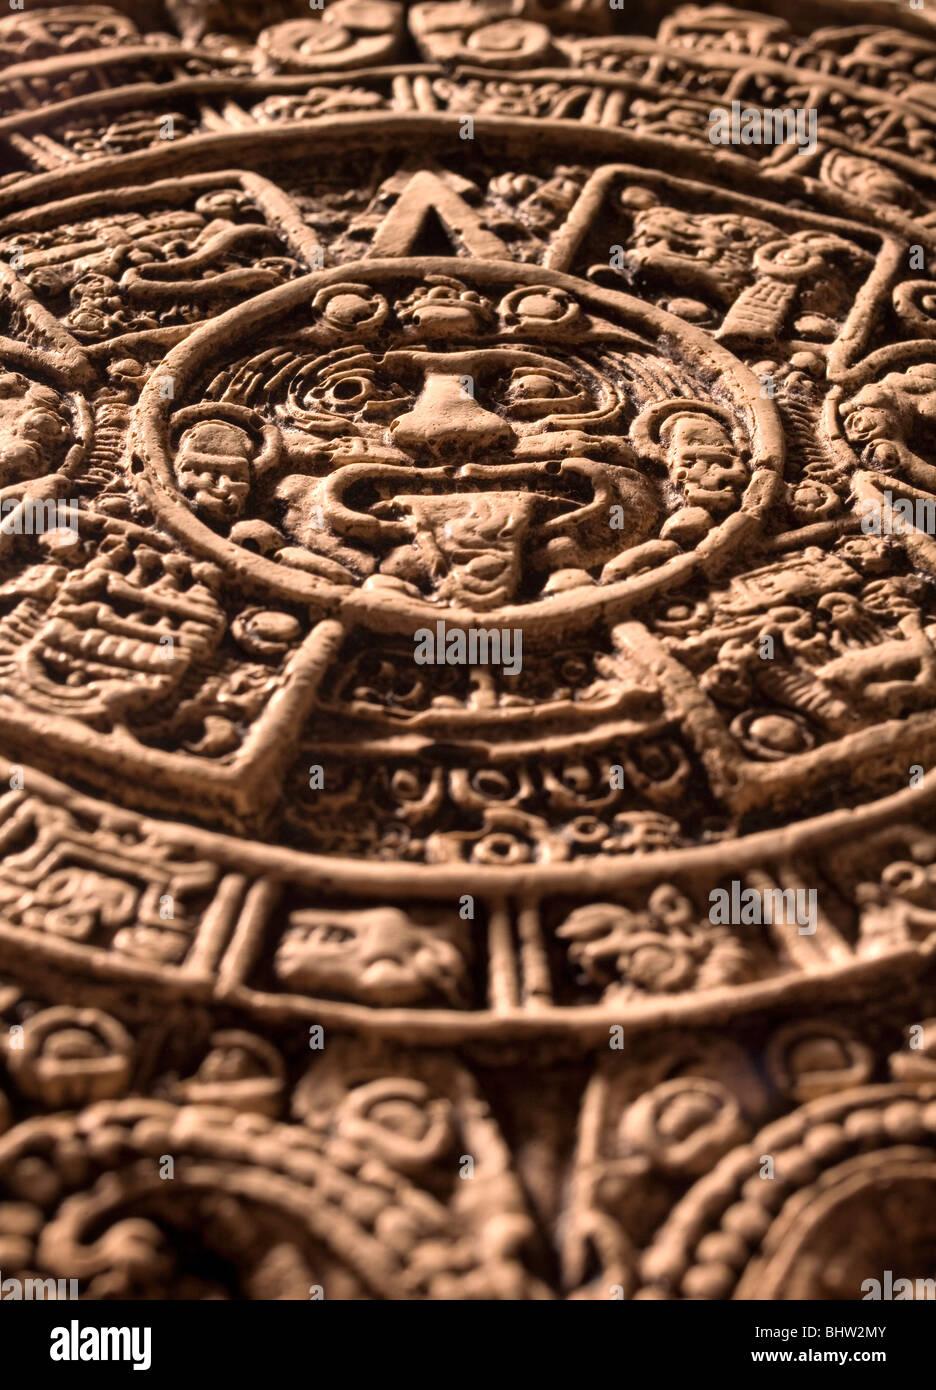 Aztec Mayan Calendar detail - Stock Image